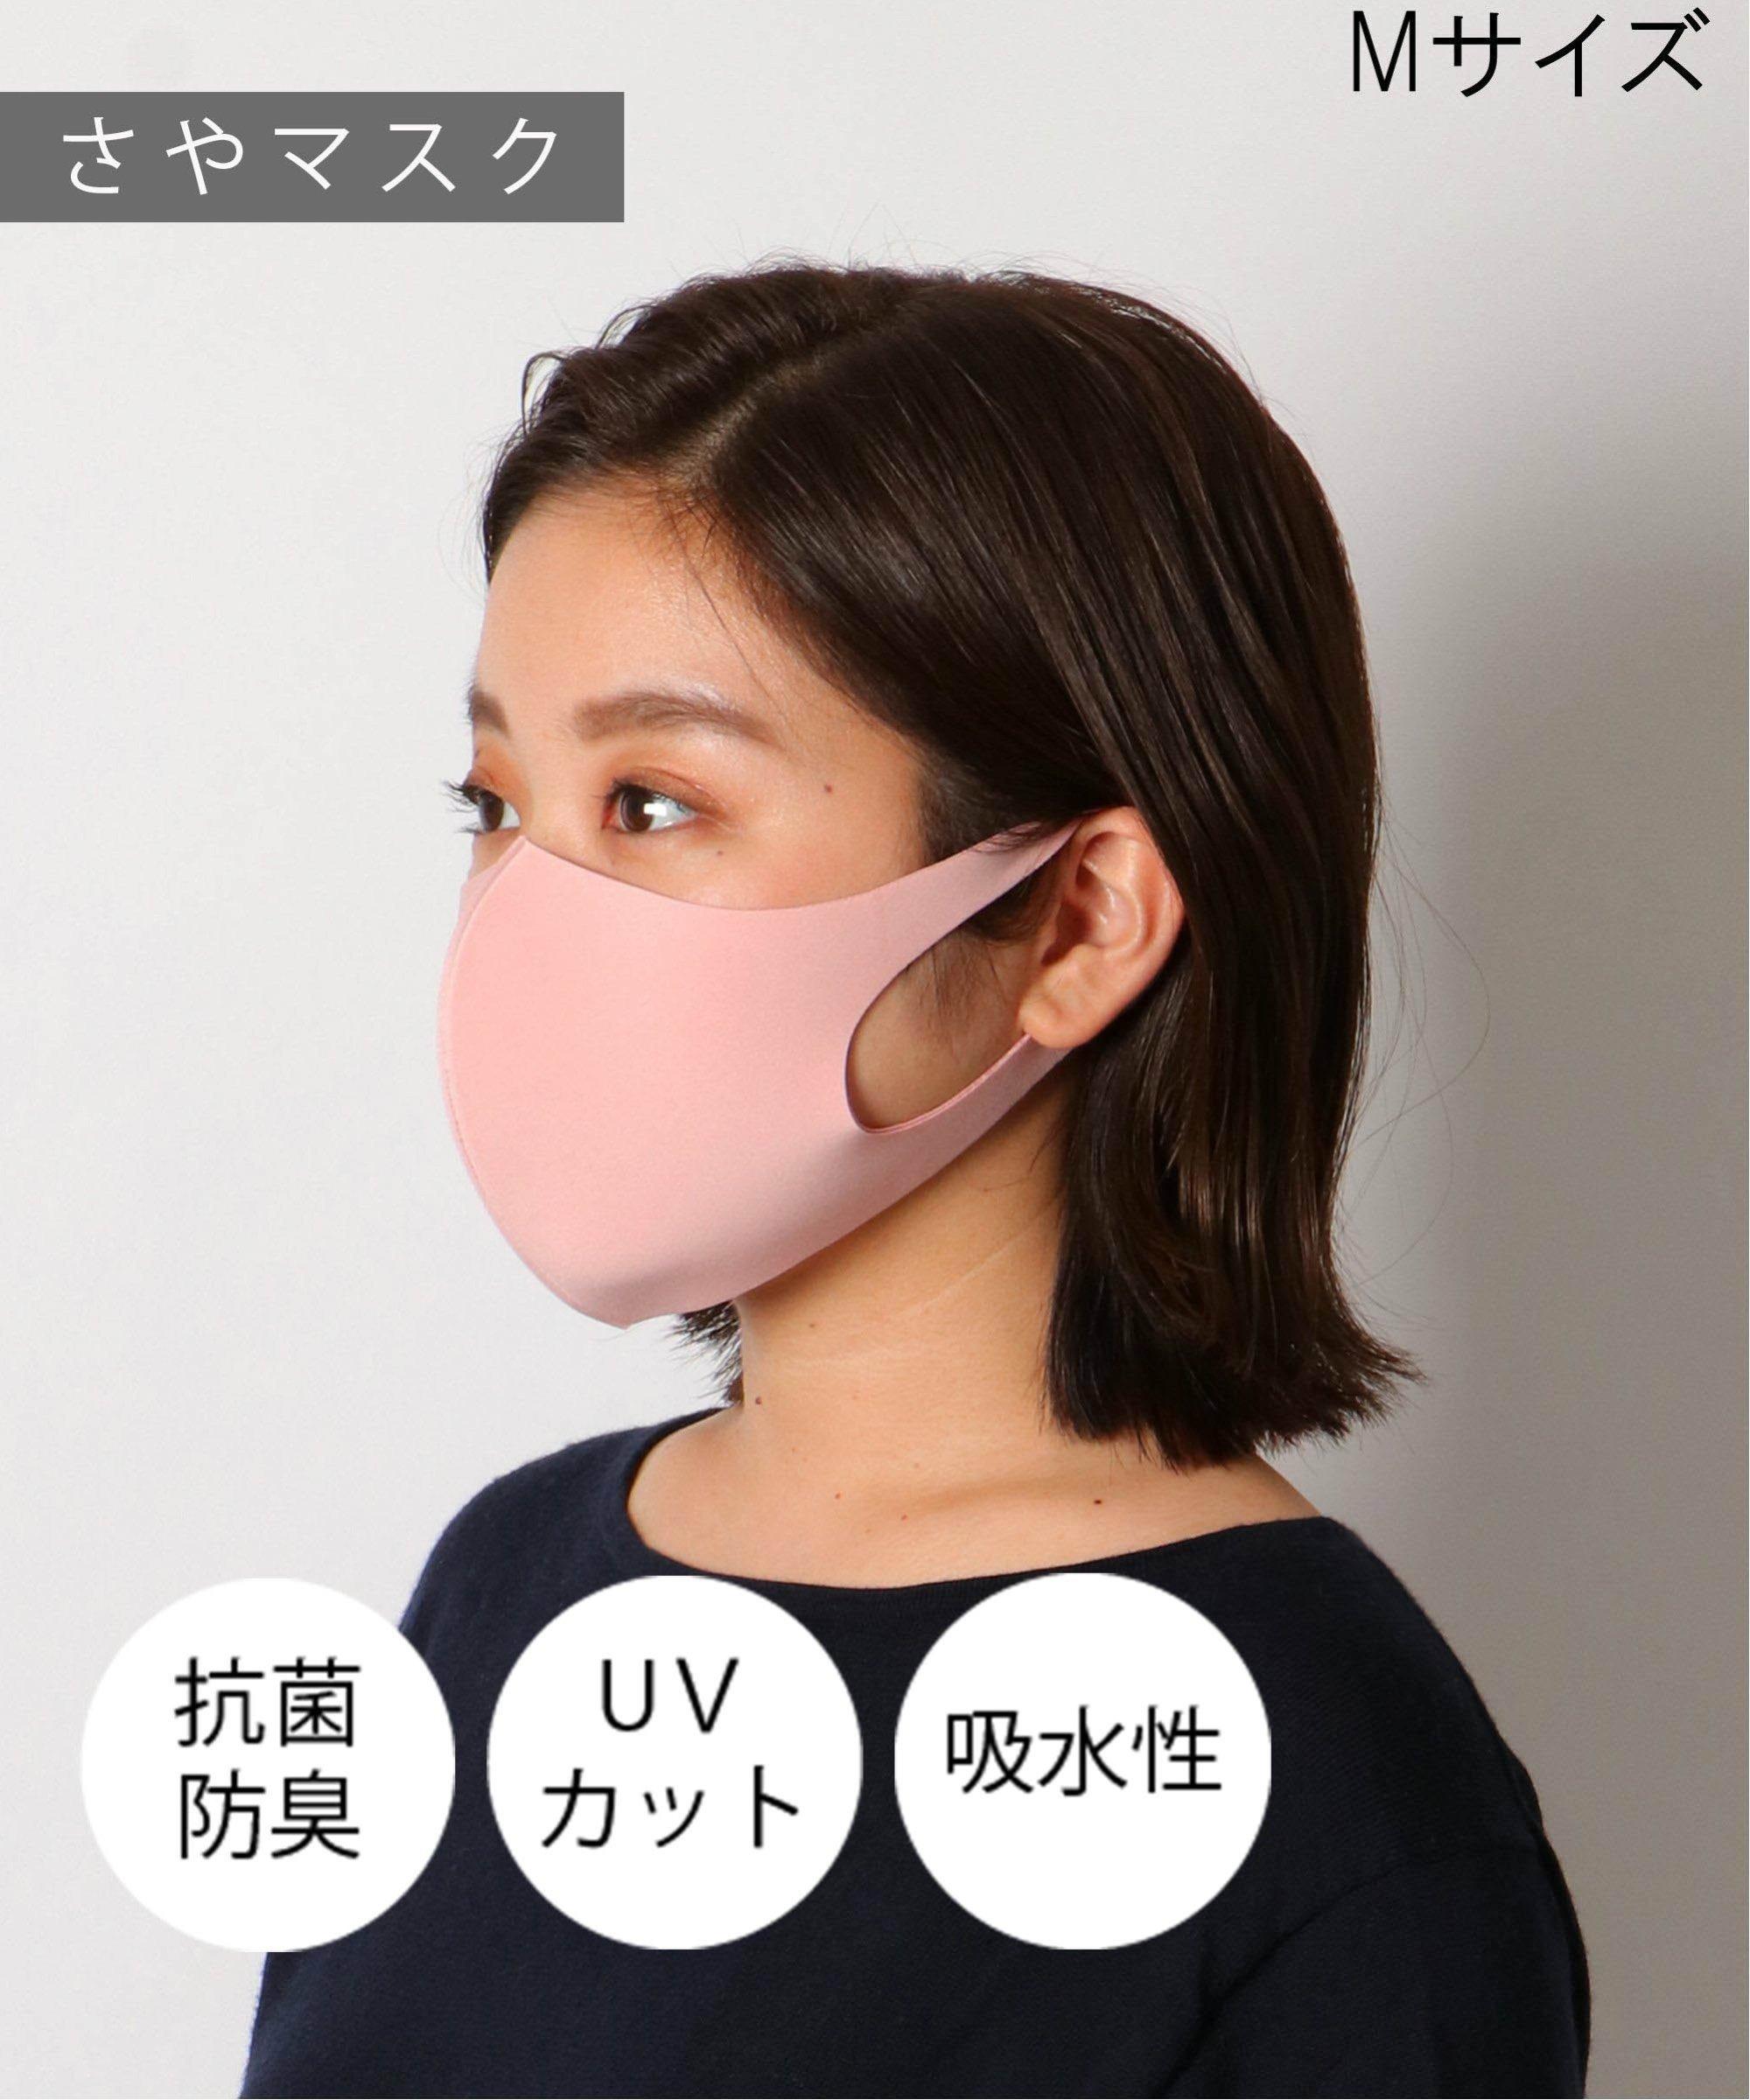 【おとな用】 清マスク(さやマスク) ピンク